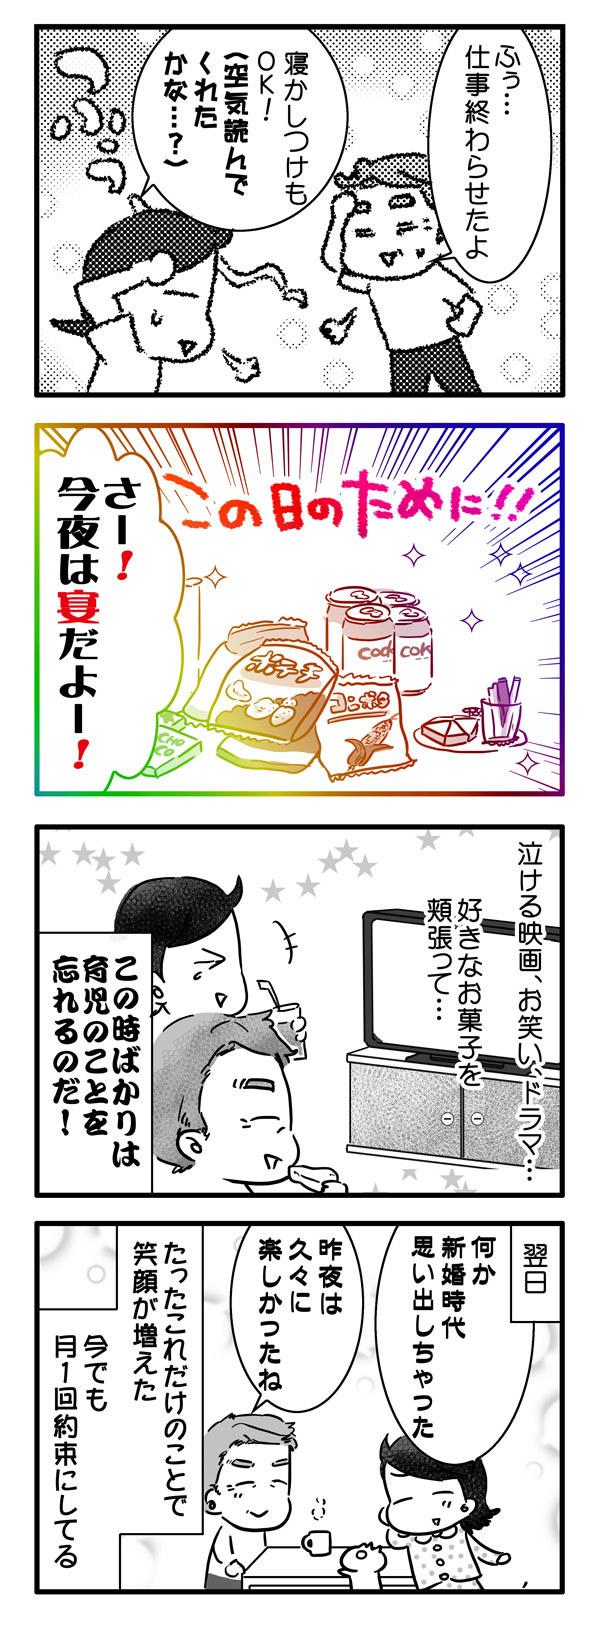 """まさかの産後クライシス…!?夫婦の絆を取り戻すために始めた""""お楽しみ""""の画像2"""